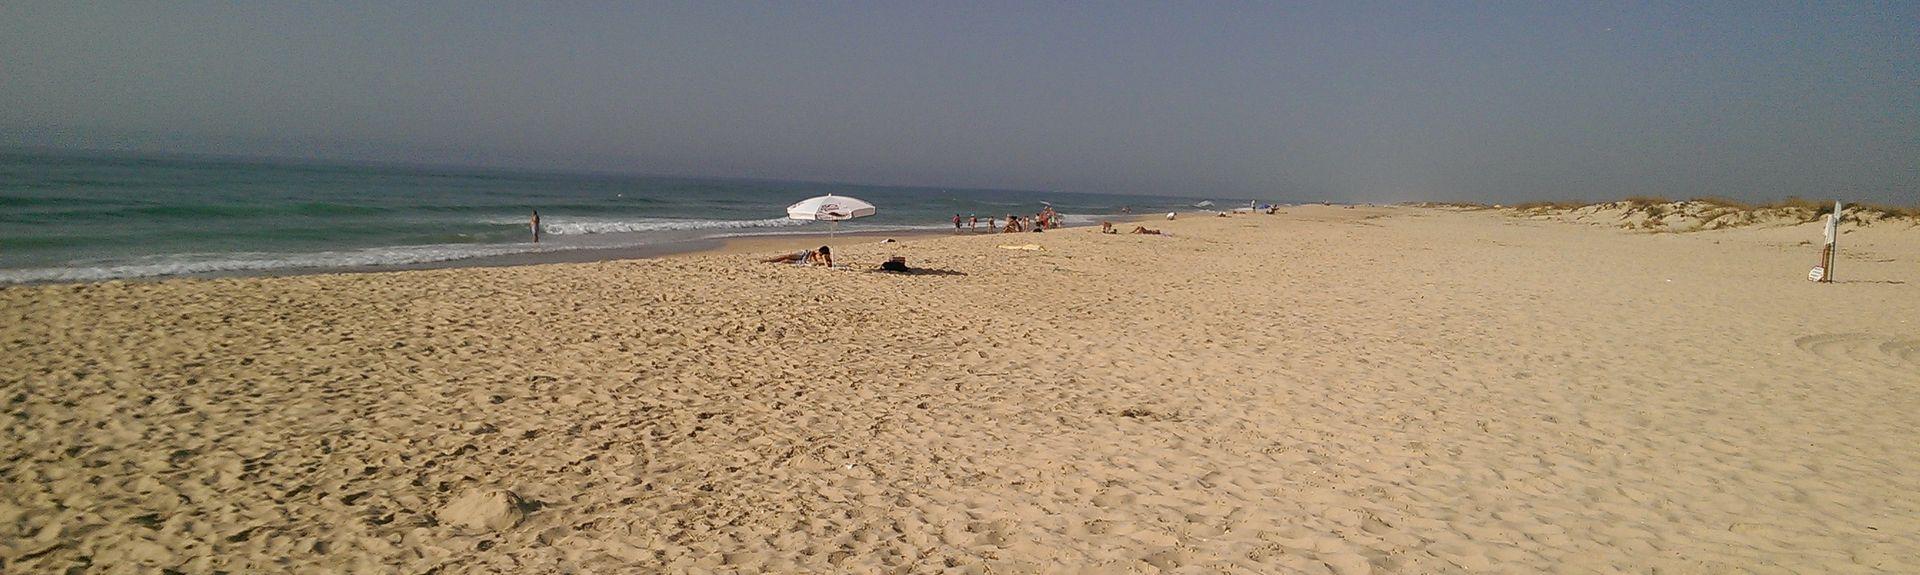 Praia da Culatra-Mar, Olhao, Portugal